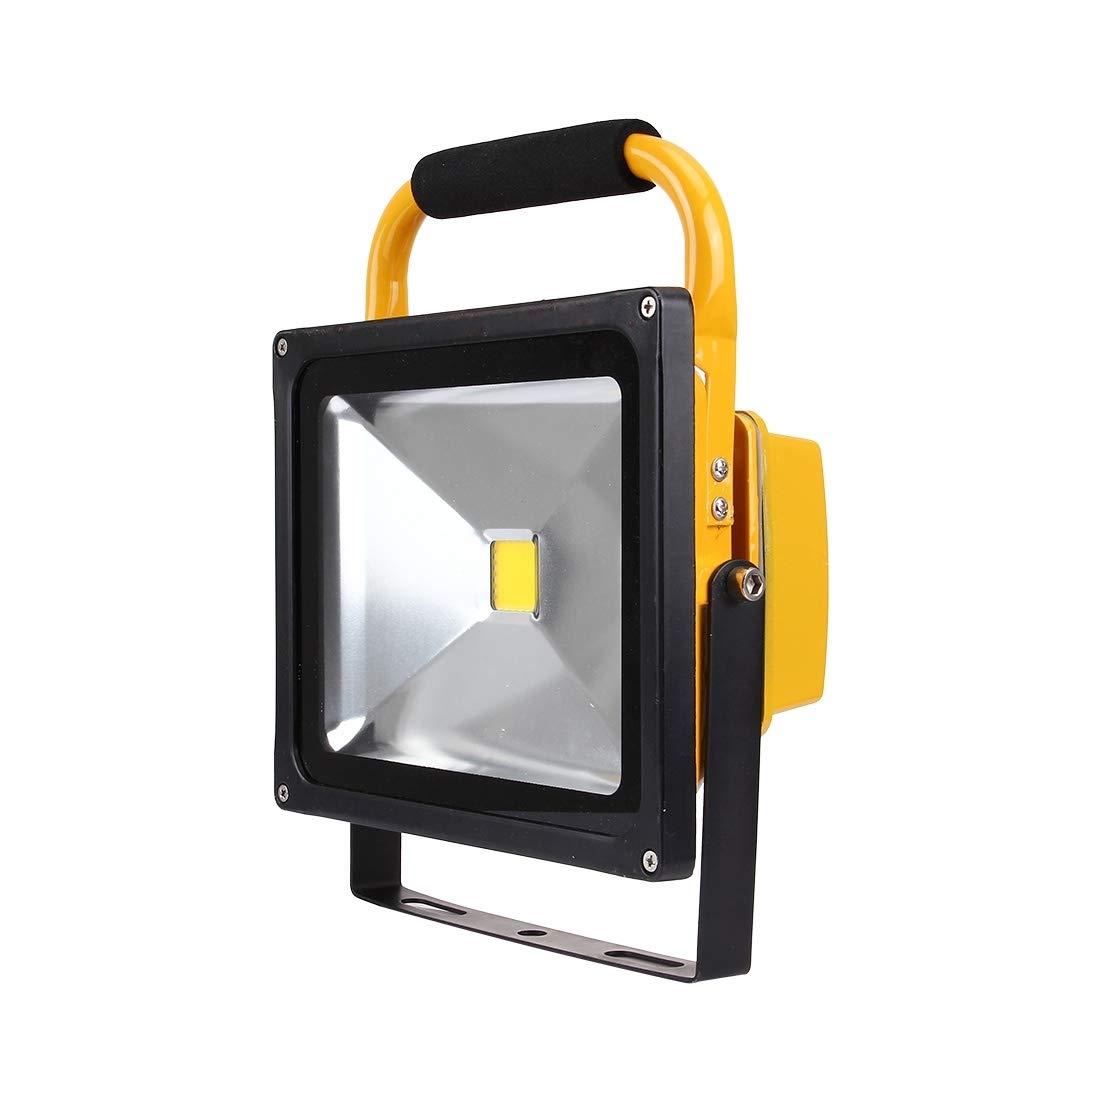 30W 3400LM寿命防水LEDハンドヘルド充電式投光器ランプ、AC 100-240V、EUプラグ 屋外ライト B07TS8SY2V